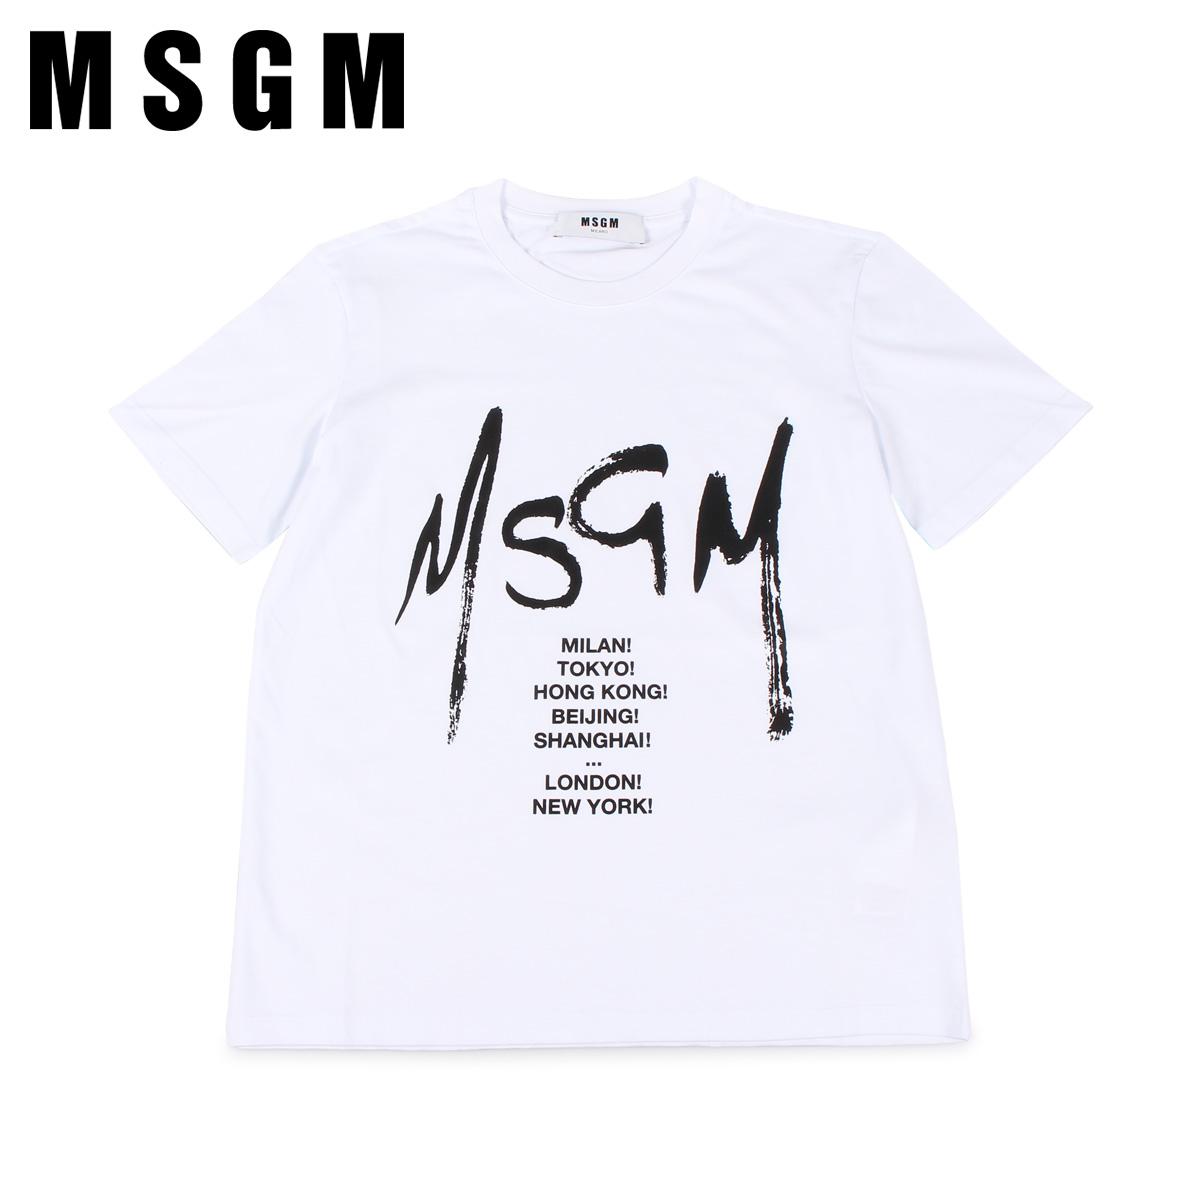 MSGM GRAPHIC LOGO T-SHIRT エムエスジーエム Tシャツ 半袖 レディース ホワイト 白 MDM174 01